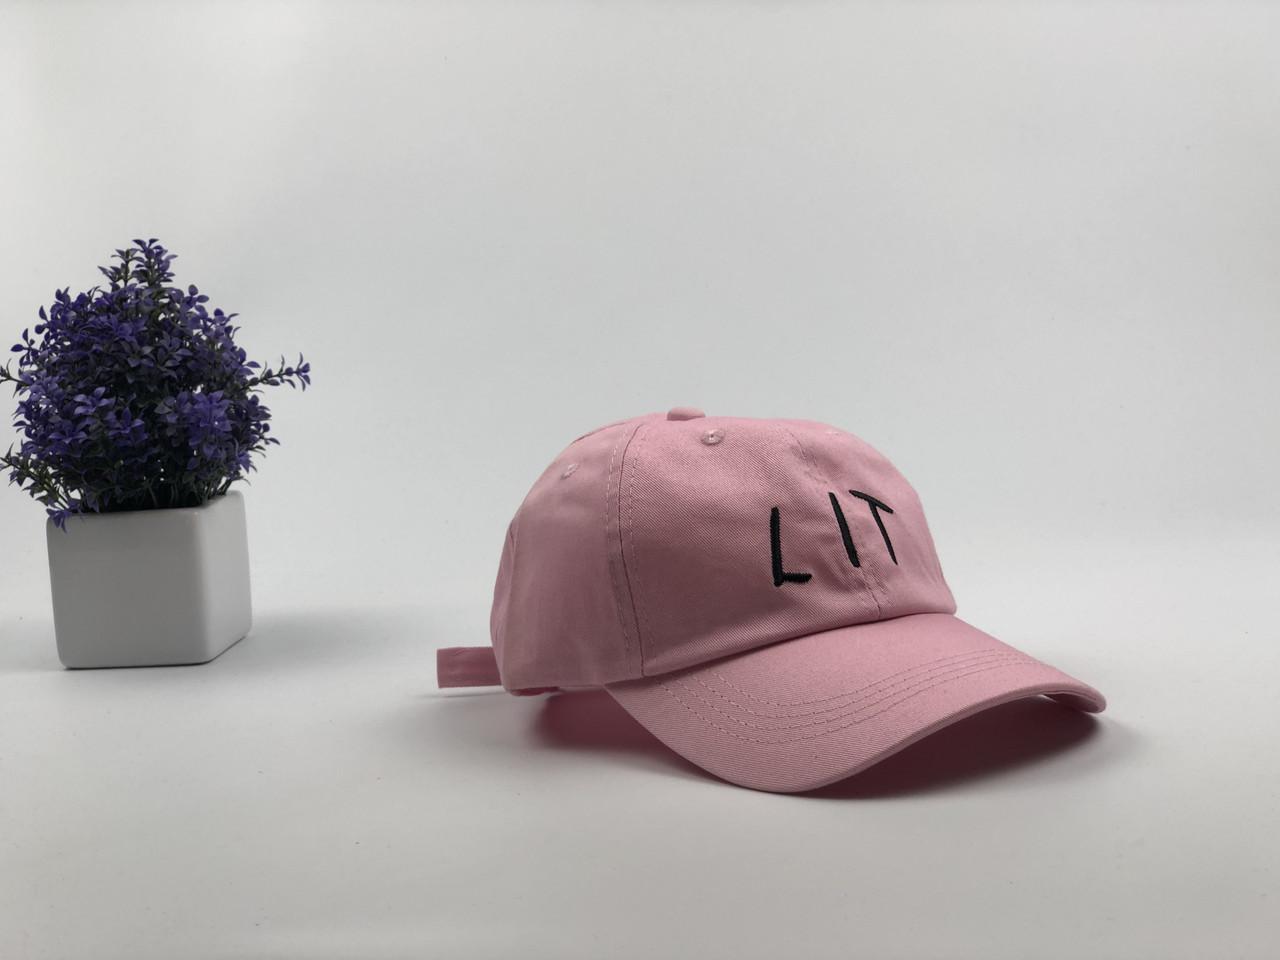 Кепка Бейсболка Мужская Женская City-A с надписью LIT Розовая